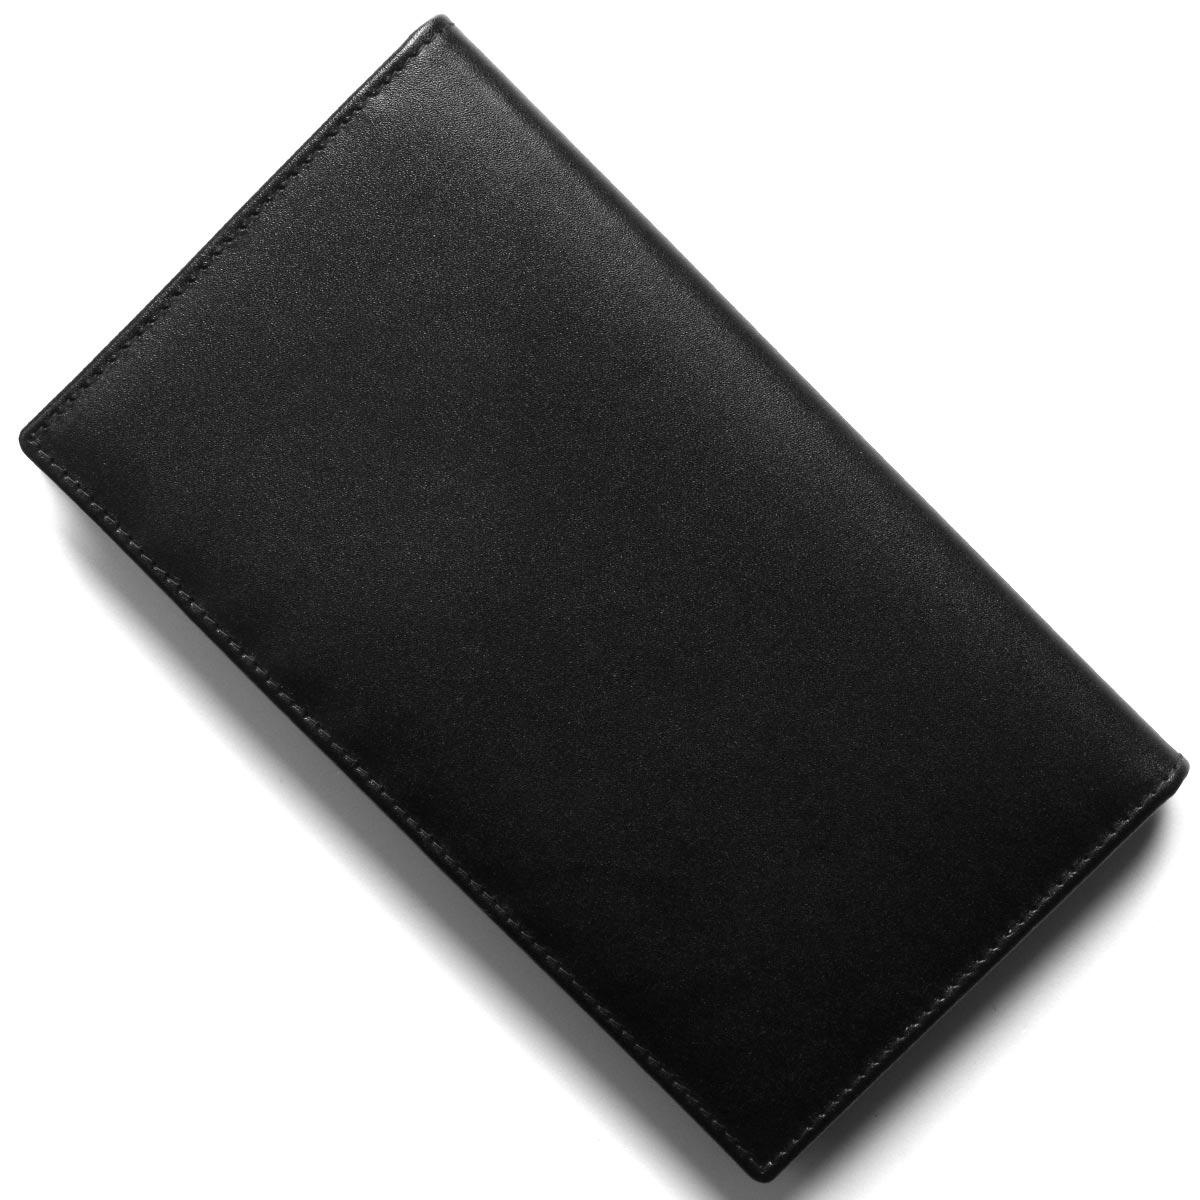 エッティンガー 長財布【札入れ】 財布 メンズ スターリング ブラック&パープル 806AJR ST PURPLE ETTINGER